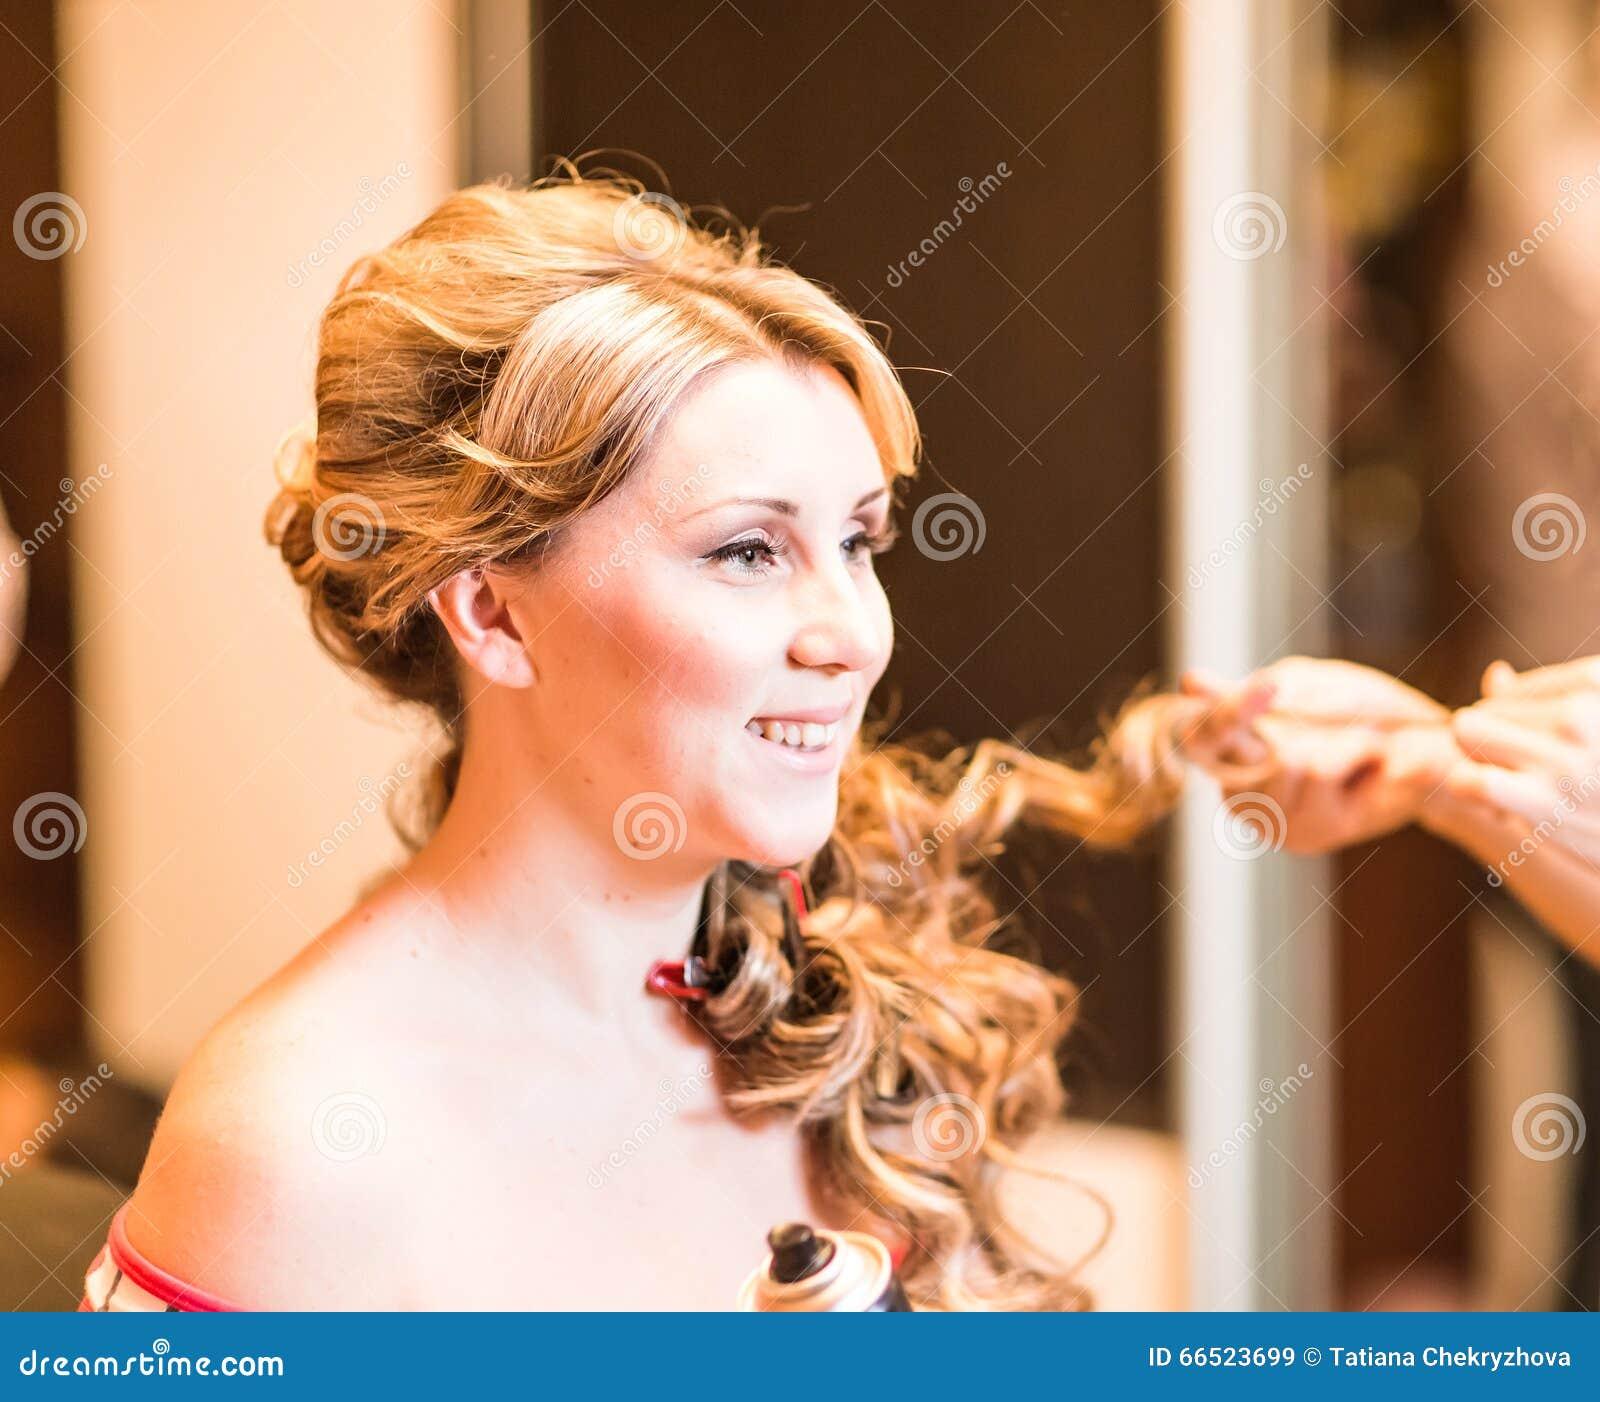 De kapper doet een kapsel aan de bruid